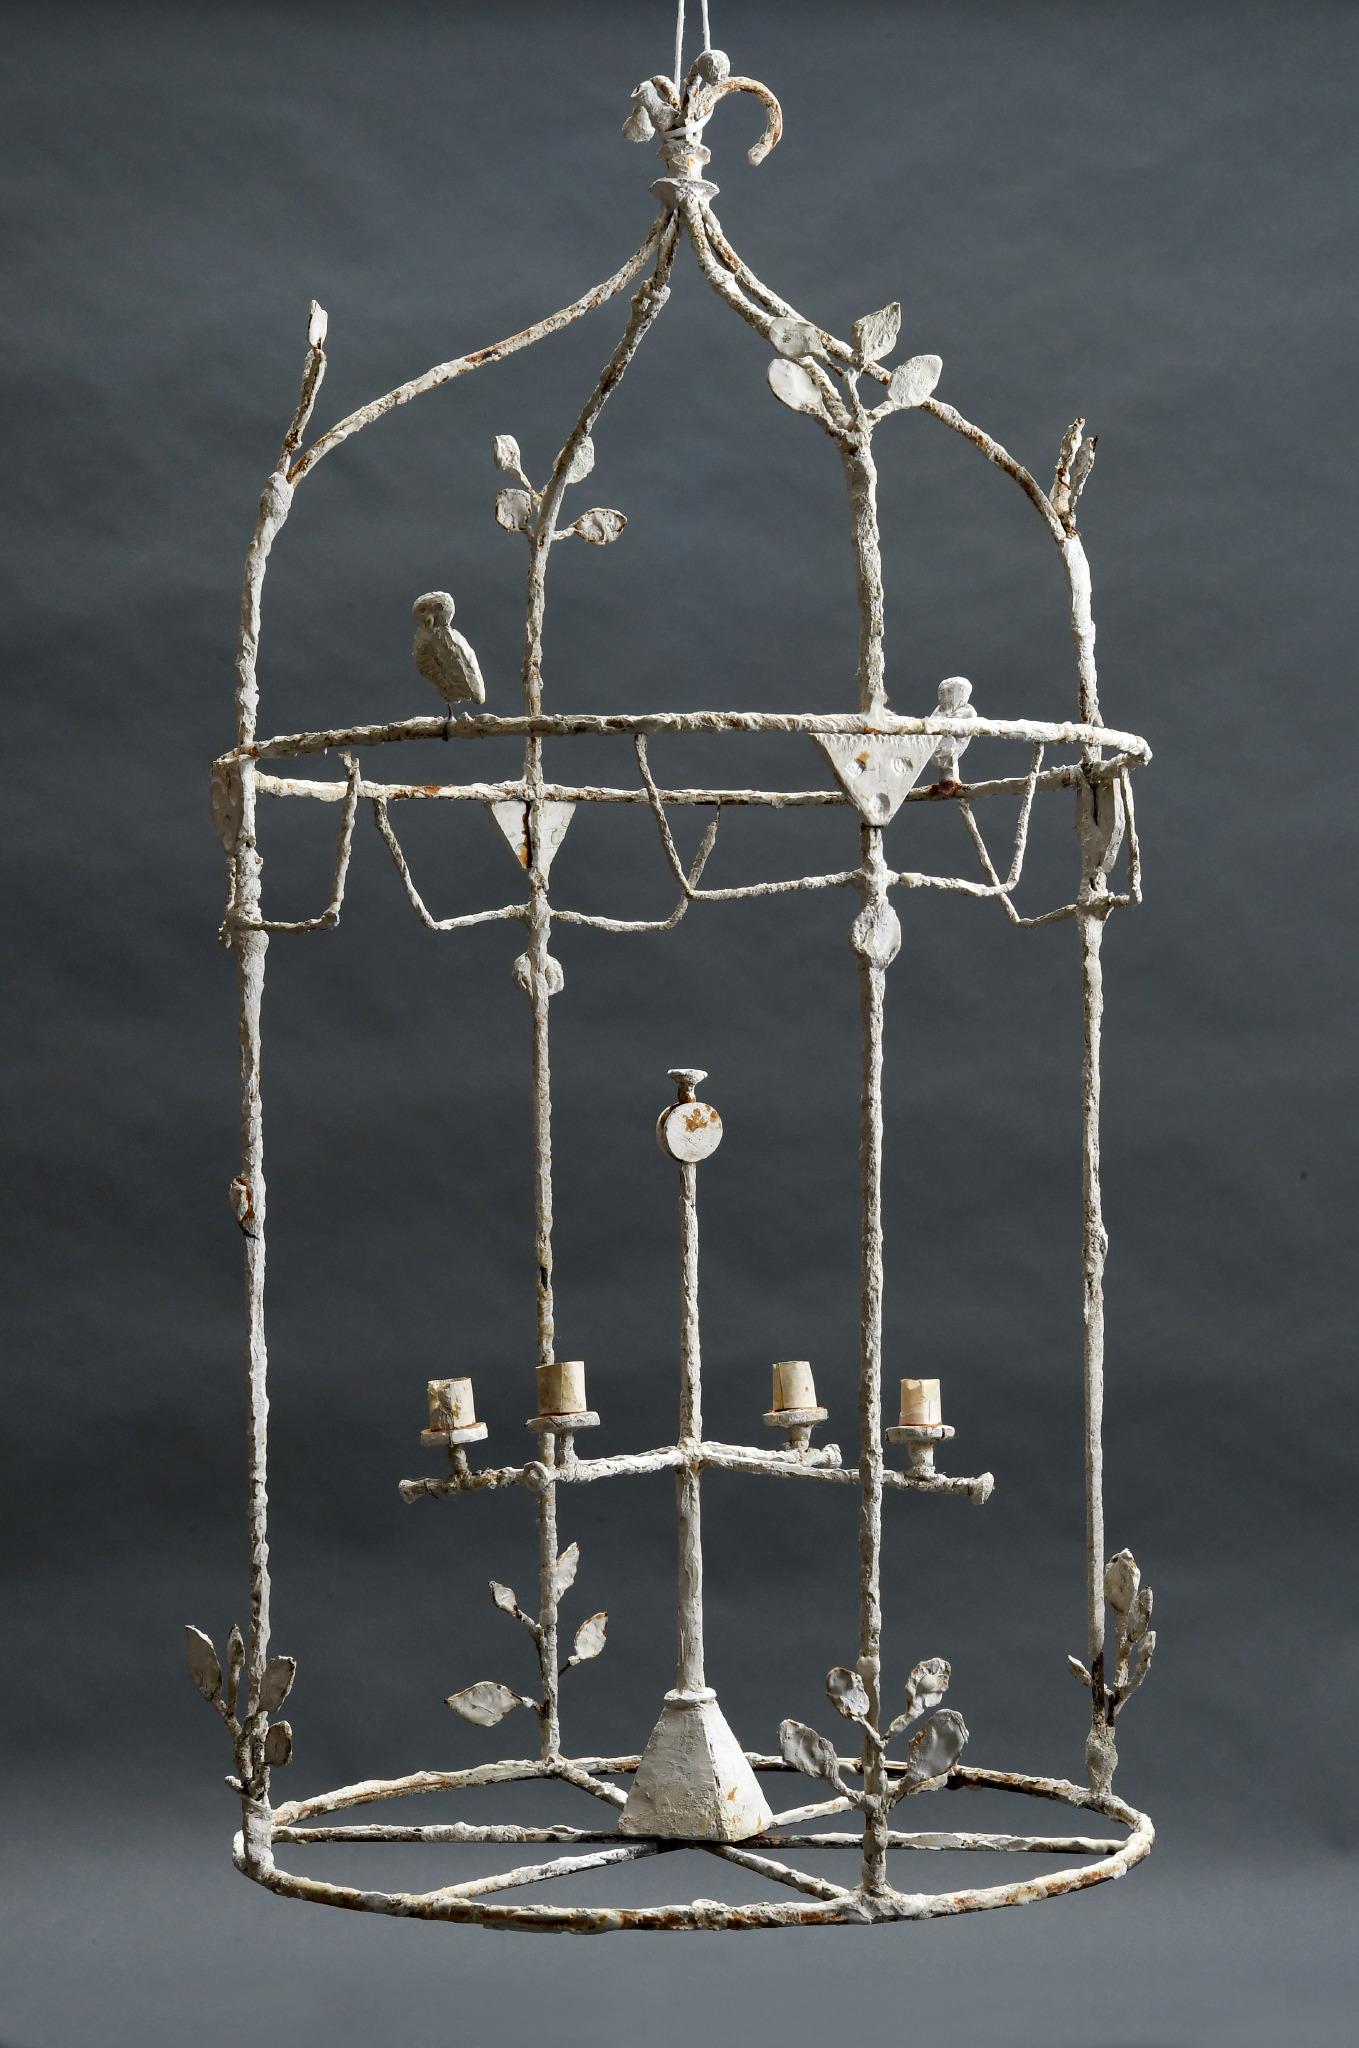 le mobilier de diego giacometti pour le mus e picasso histoire du mobilier. Black Bedroom Furniture Sets. Home Design Ideas